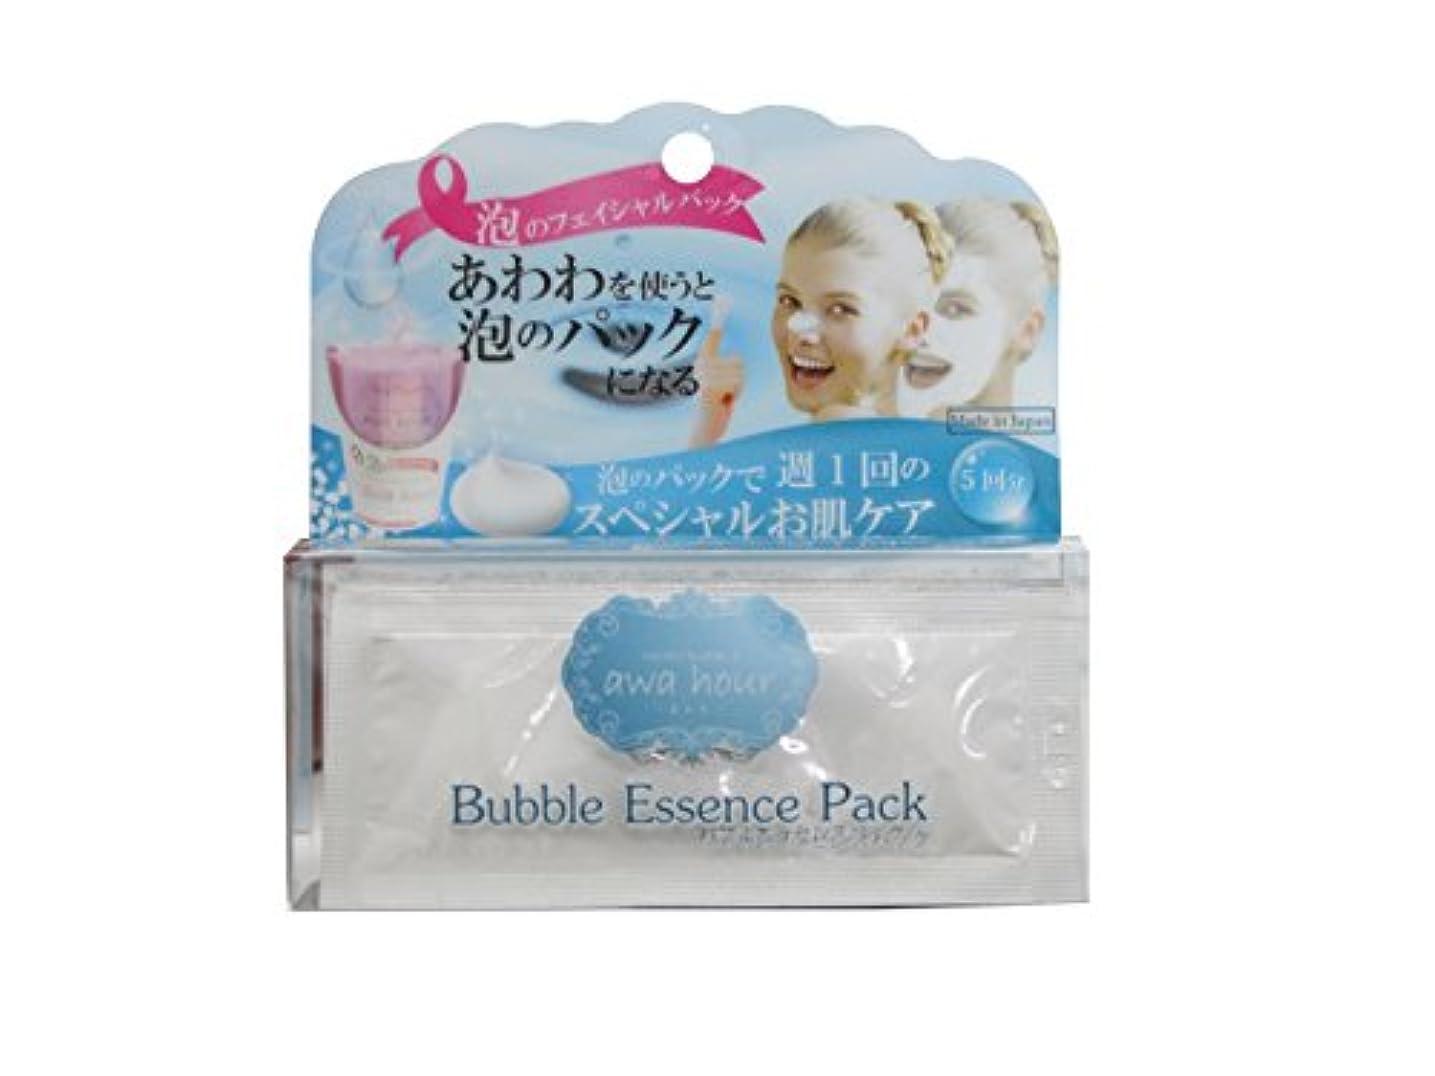 艶摂氏度航海富士 あわわ バブルエッセンスパック 8ml×5包 洗顔